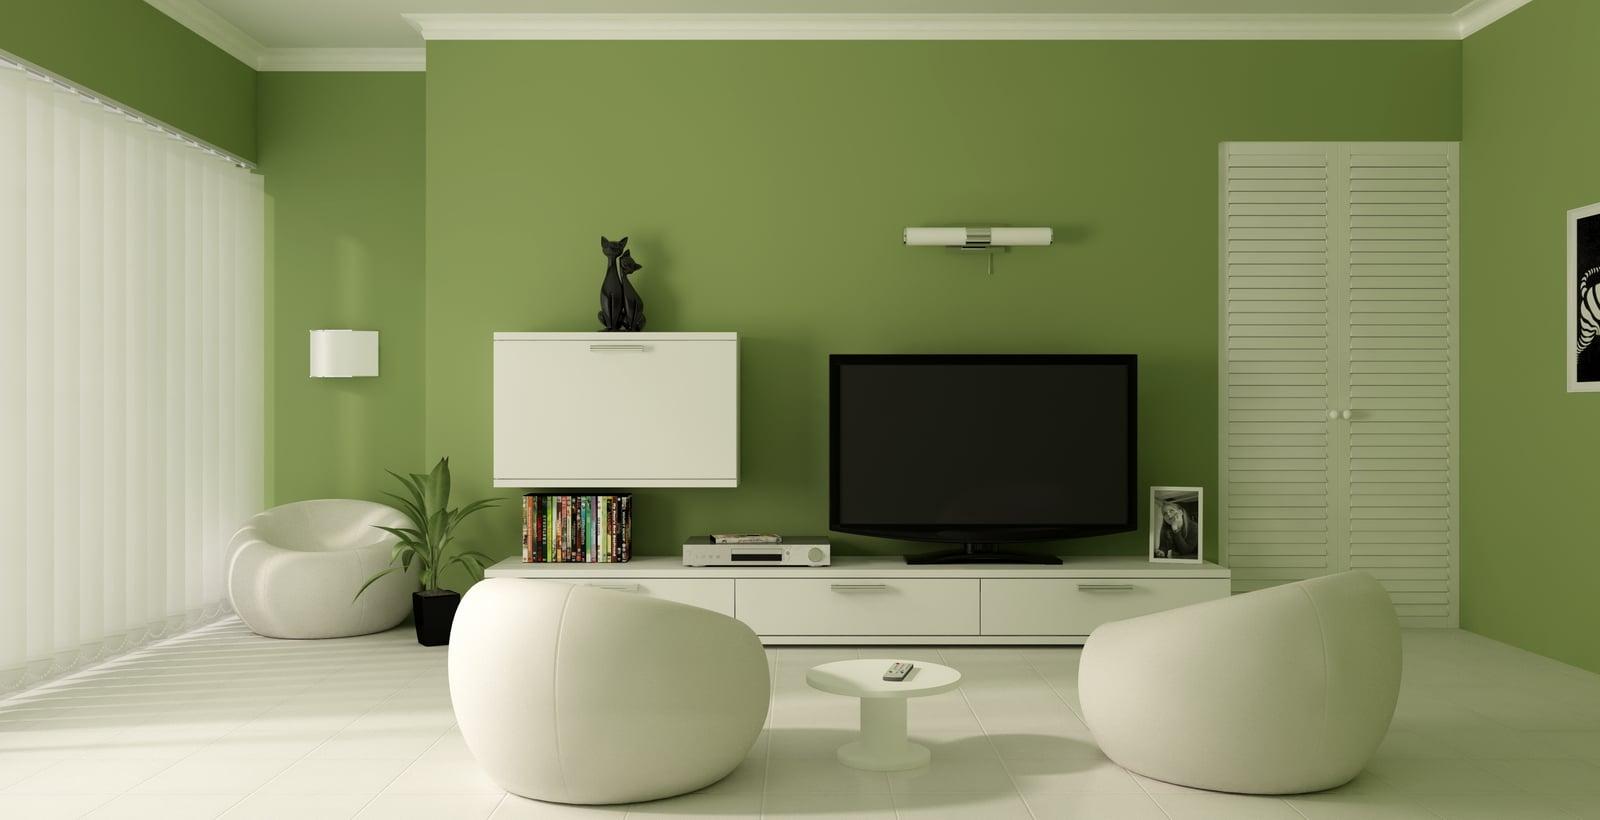 Để không gian phòng khách được tinh tế, thanh lịch, gia chủ nên chọn thêm màu xanh lục để tạo một không gian hài hòa, thoải mái